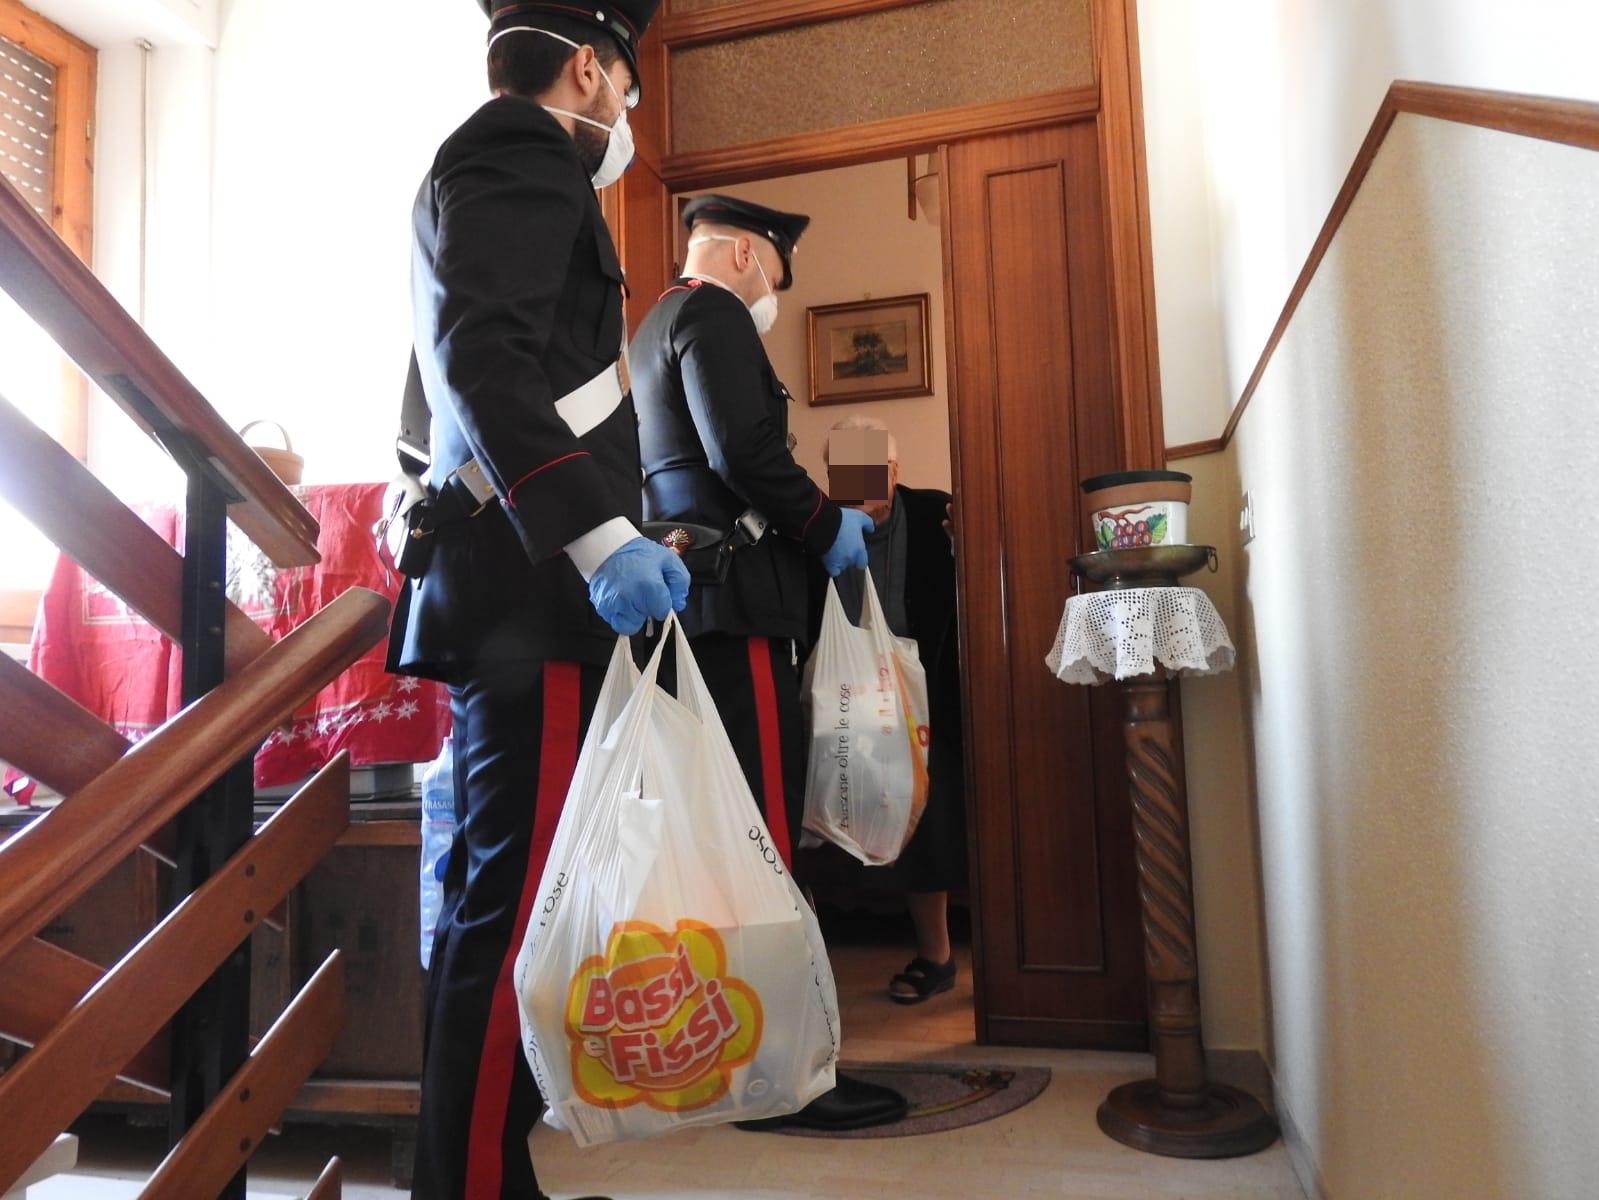 Carabinieri per la gente: continuano le attività a sostegno di chi è in difficoltà